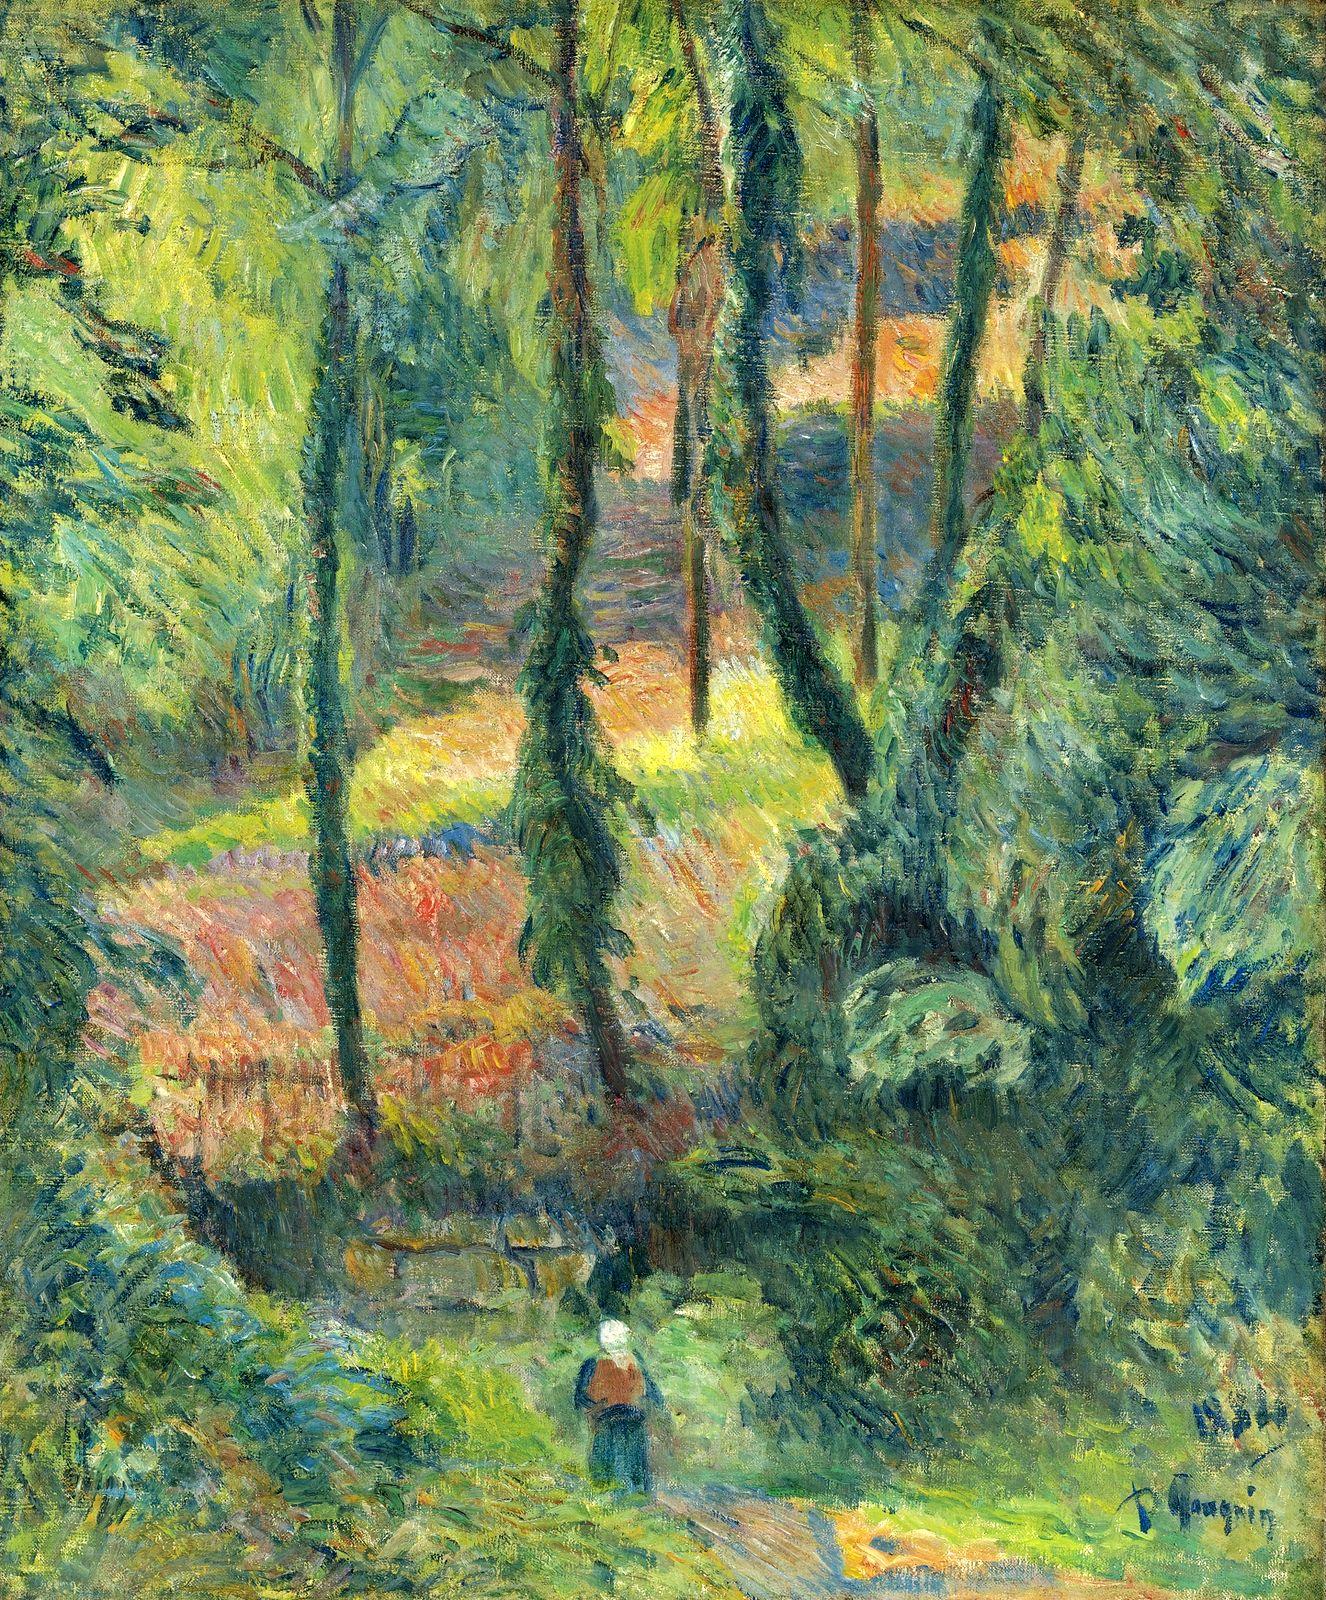 пейзаж < Затопленная тропа >  :: Поль Гоген [ живопись постимпрессионизм ] - Paul Gauguin фото